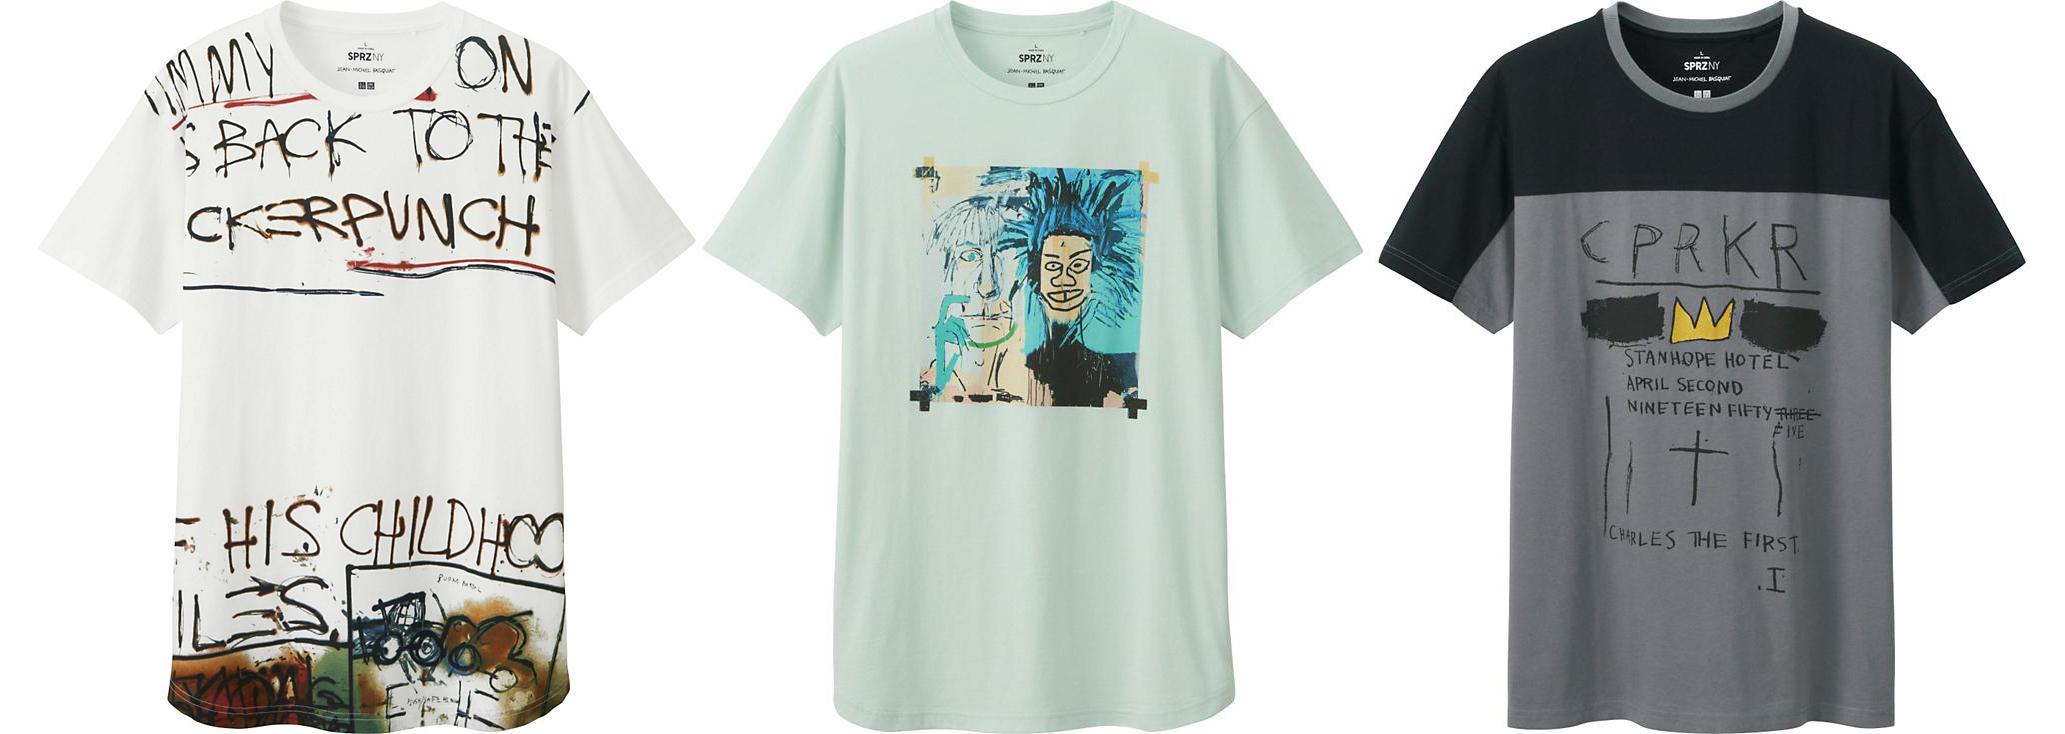 Uniqlo x Jean-Michel Basquiat